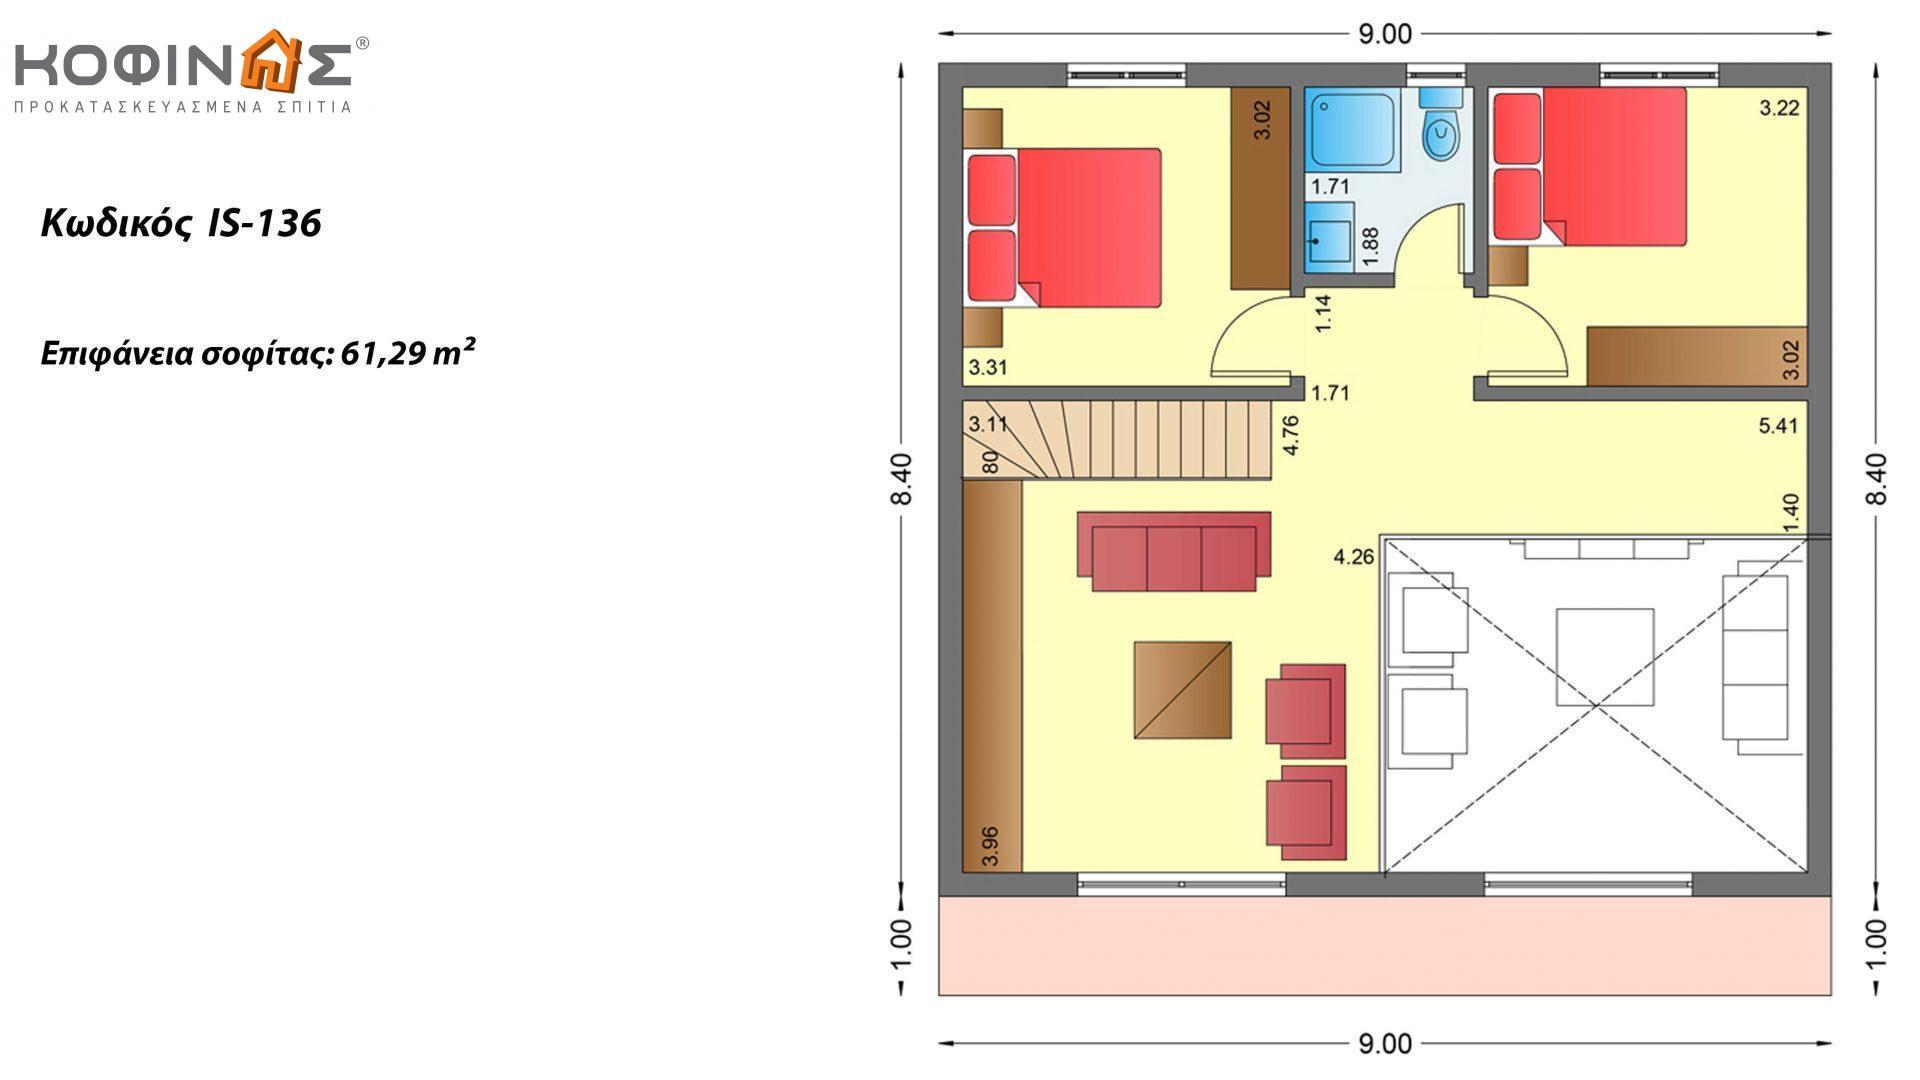 Ισόγεια Κατοικία με Σοφίτα IS-136, συνολικής επιφάνειας 136,89 τ.μ., συνολική επιφάνεια στεγασμένων χώρων 22,65 τ.μ.